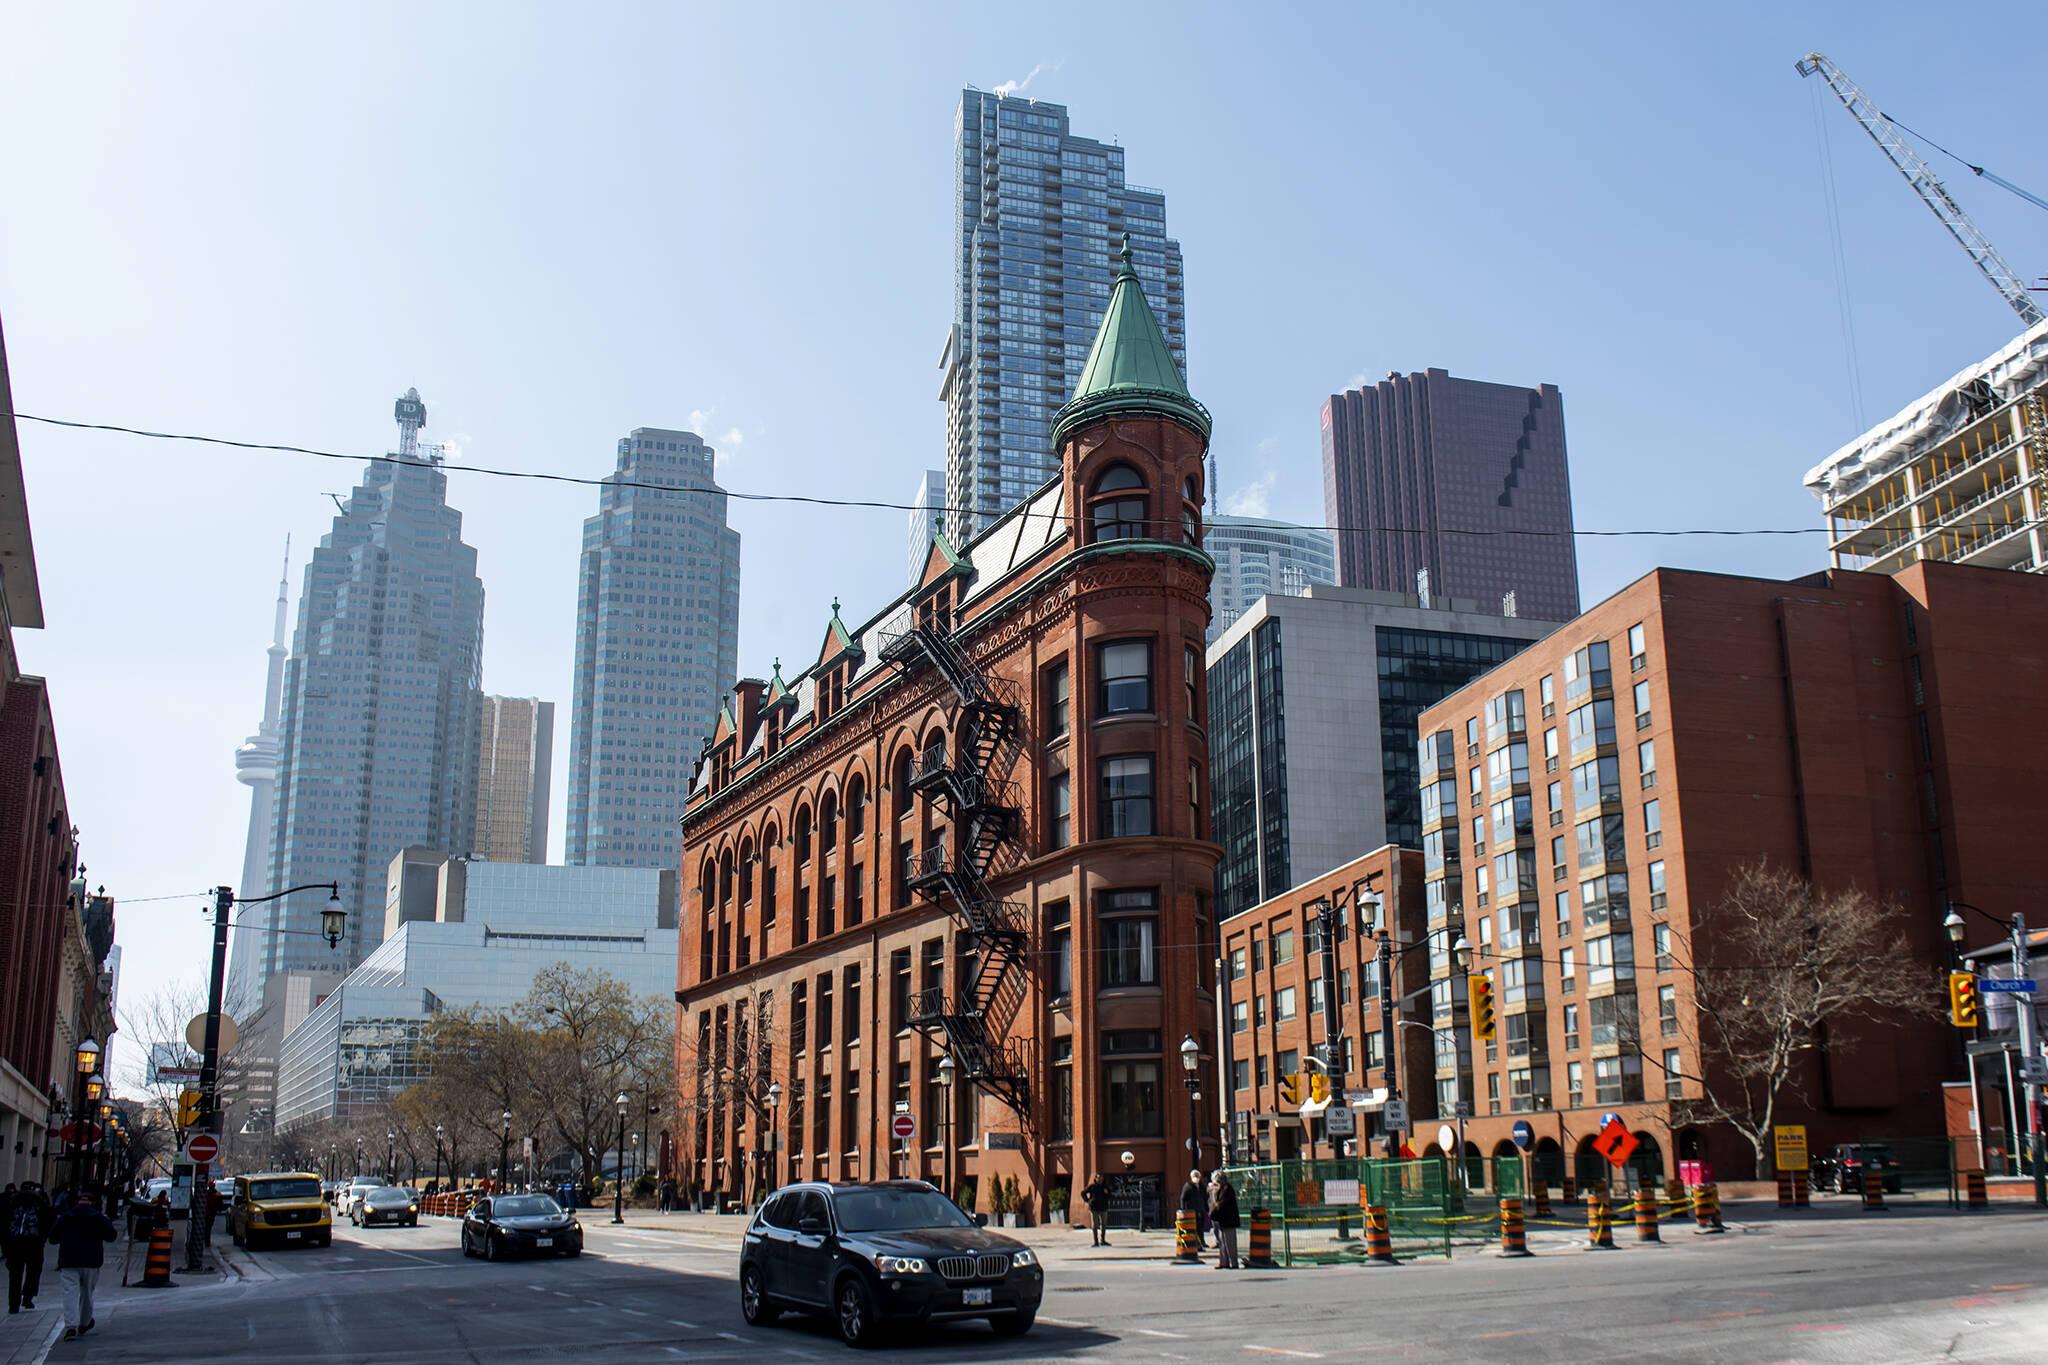 Easter Monday Toronto